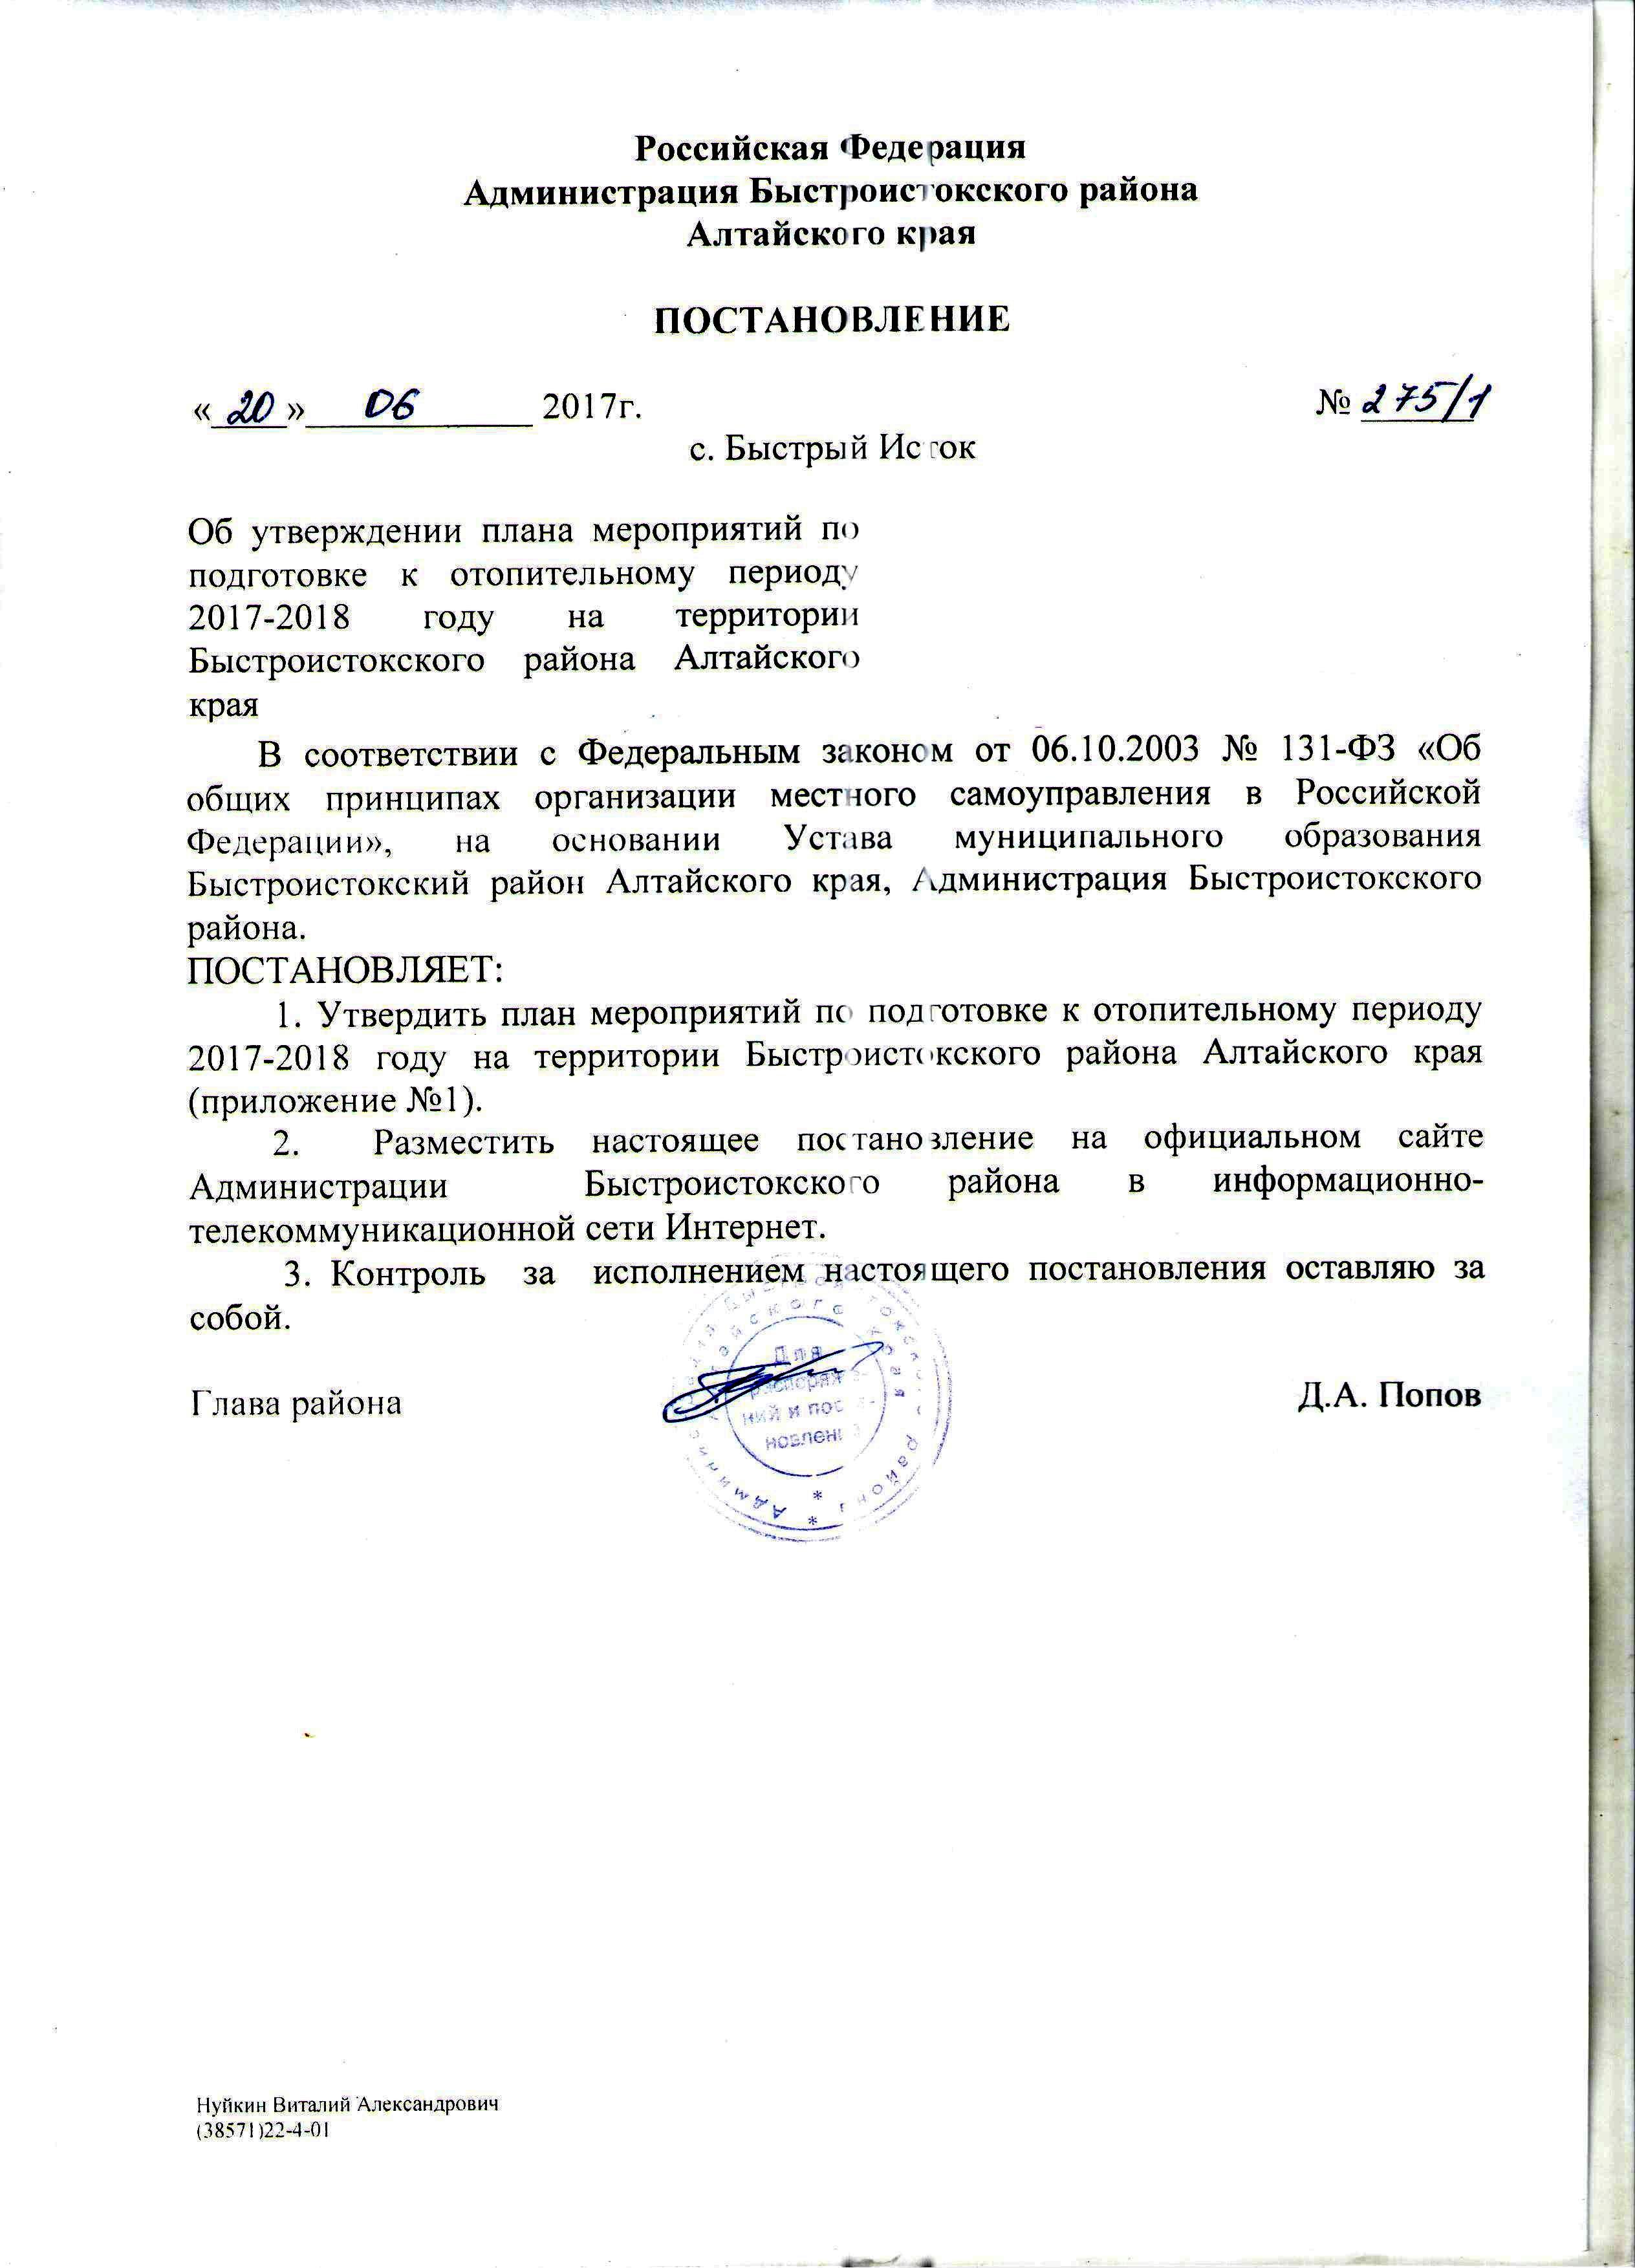 Апелляционная судебная коллегии по гражданским и административным делам